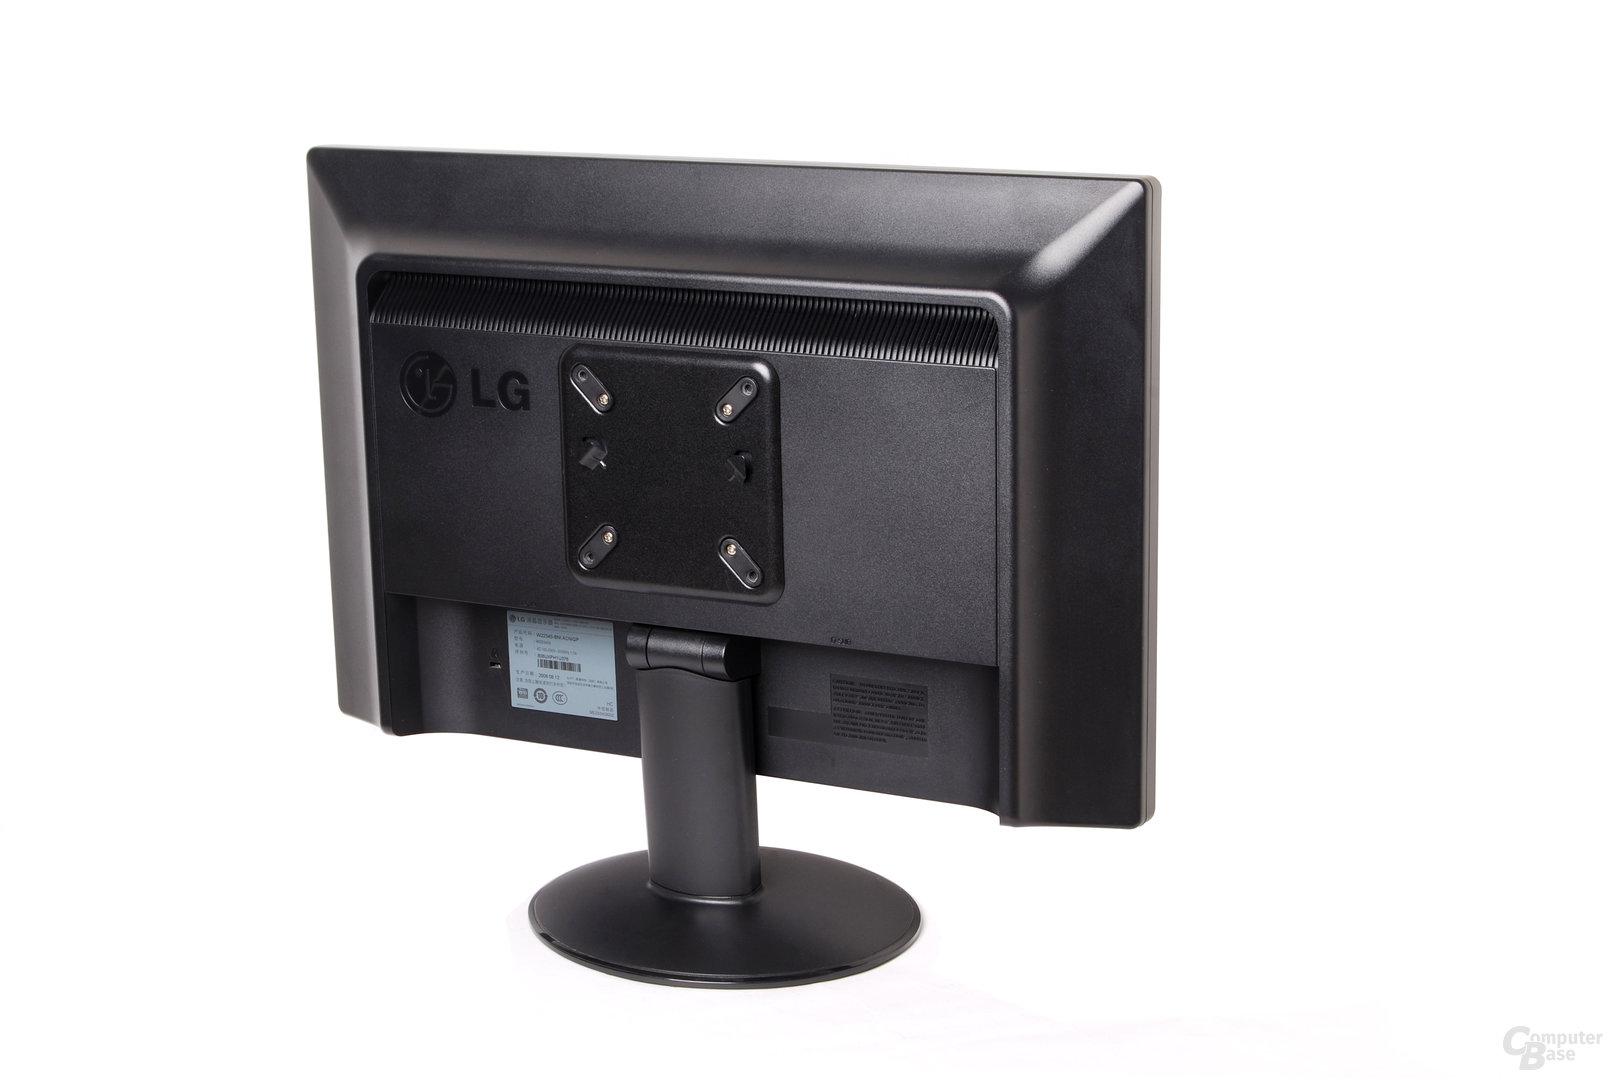 Zotac ZBox nano VD01 (Plus)